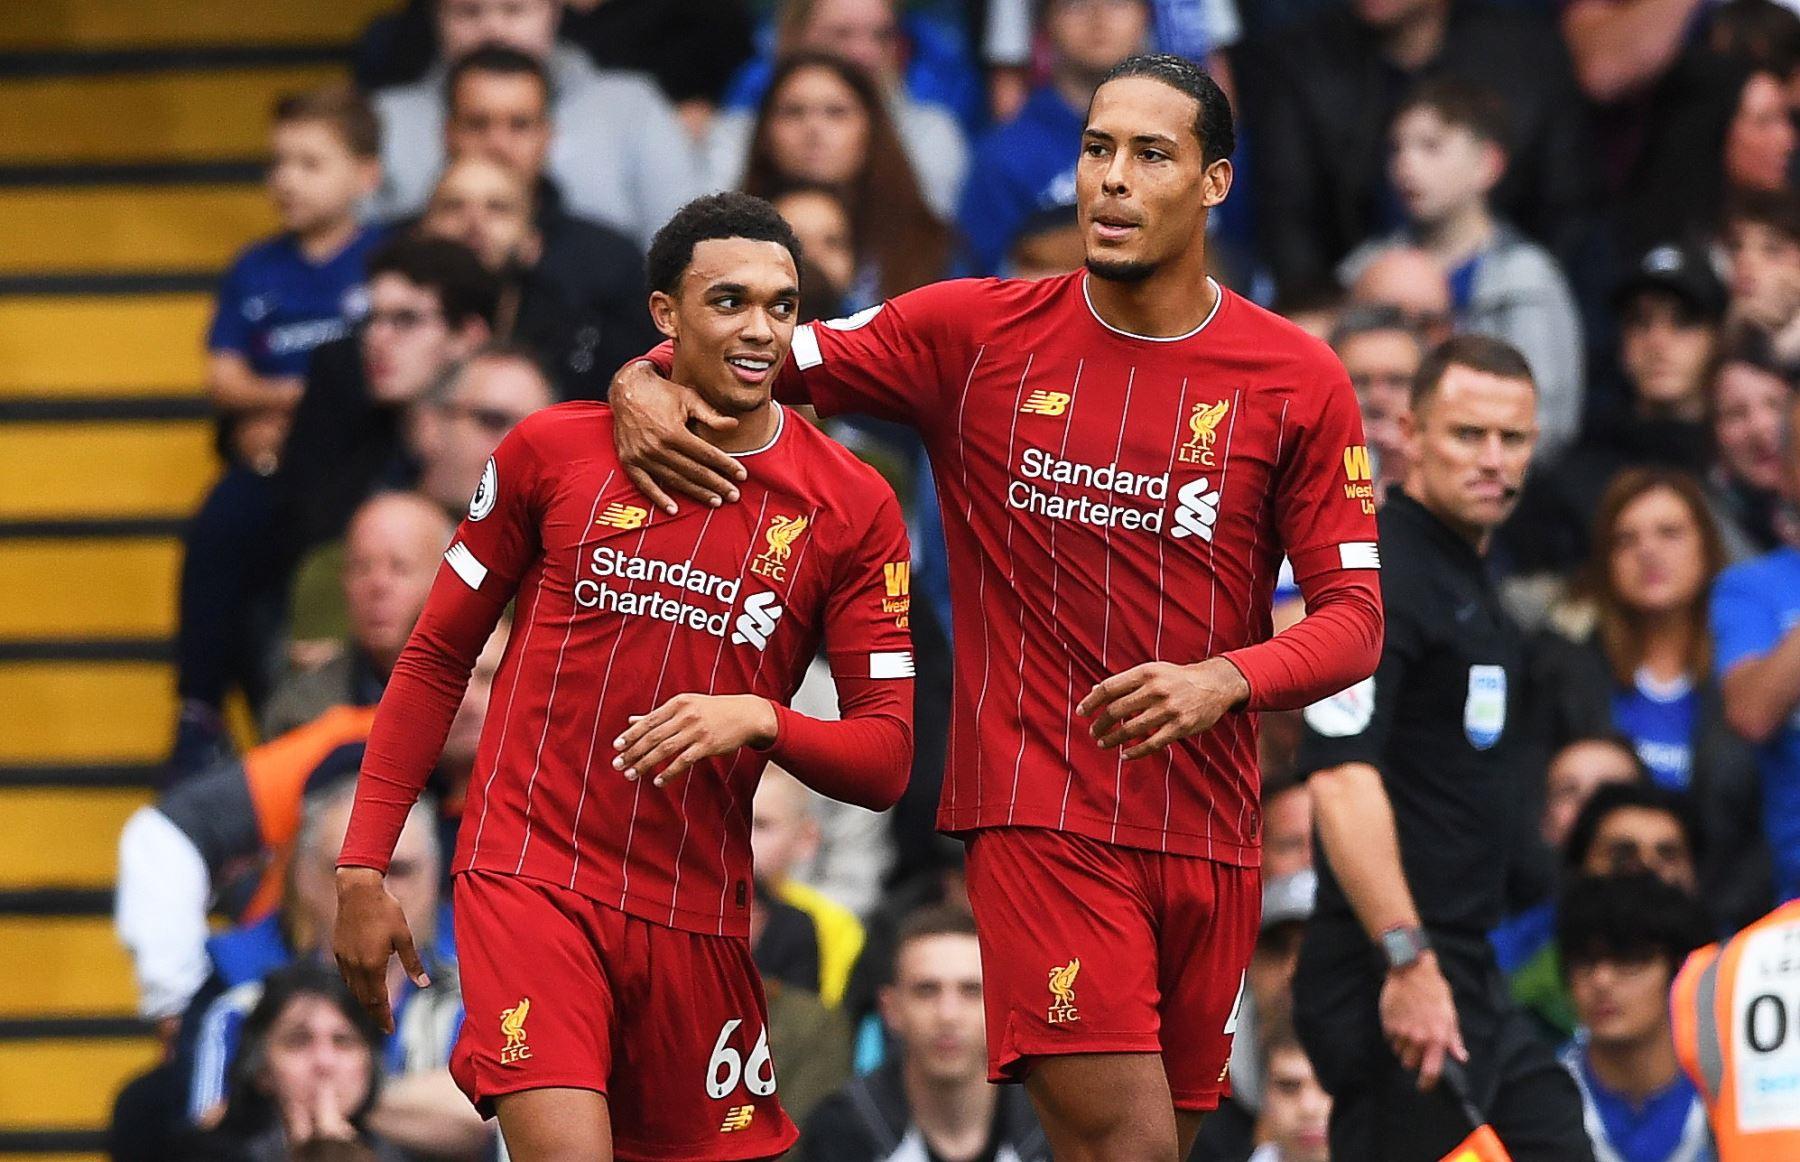 Trent Alexander-Arnold (L) del Liverpool celebra con su compañero de equipo Virgil Van Dijk (R) después de anotar la ventaja de 1-0 durante el partido de fútbol de la Premier League inglesa entre Chelsea FC y Liverpool FC. Foto: EFE